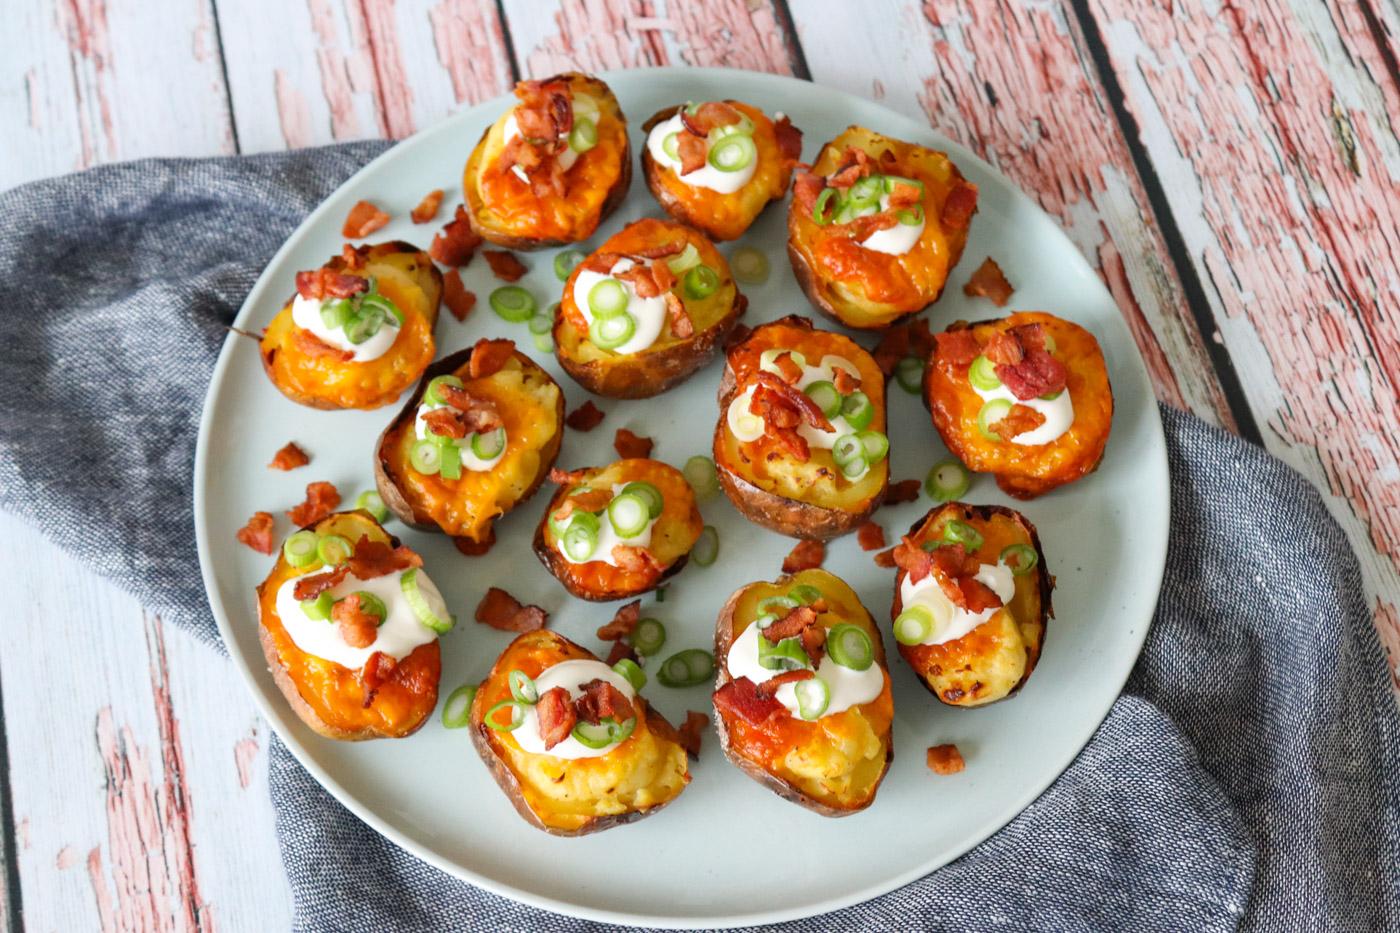 Små Dobbelt Bagte Kartofler Med Cheddar Og Bacon